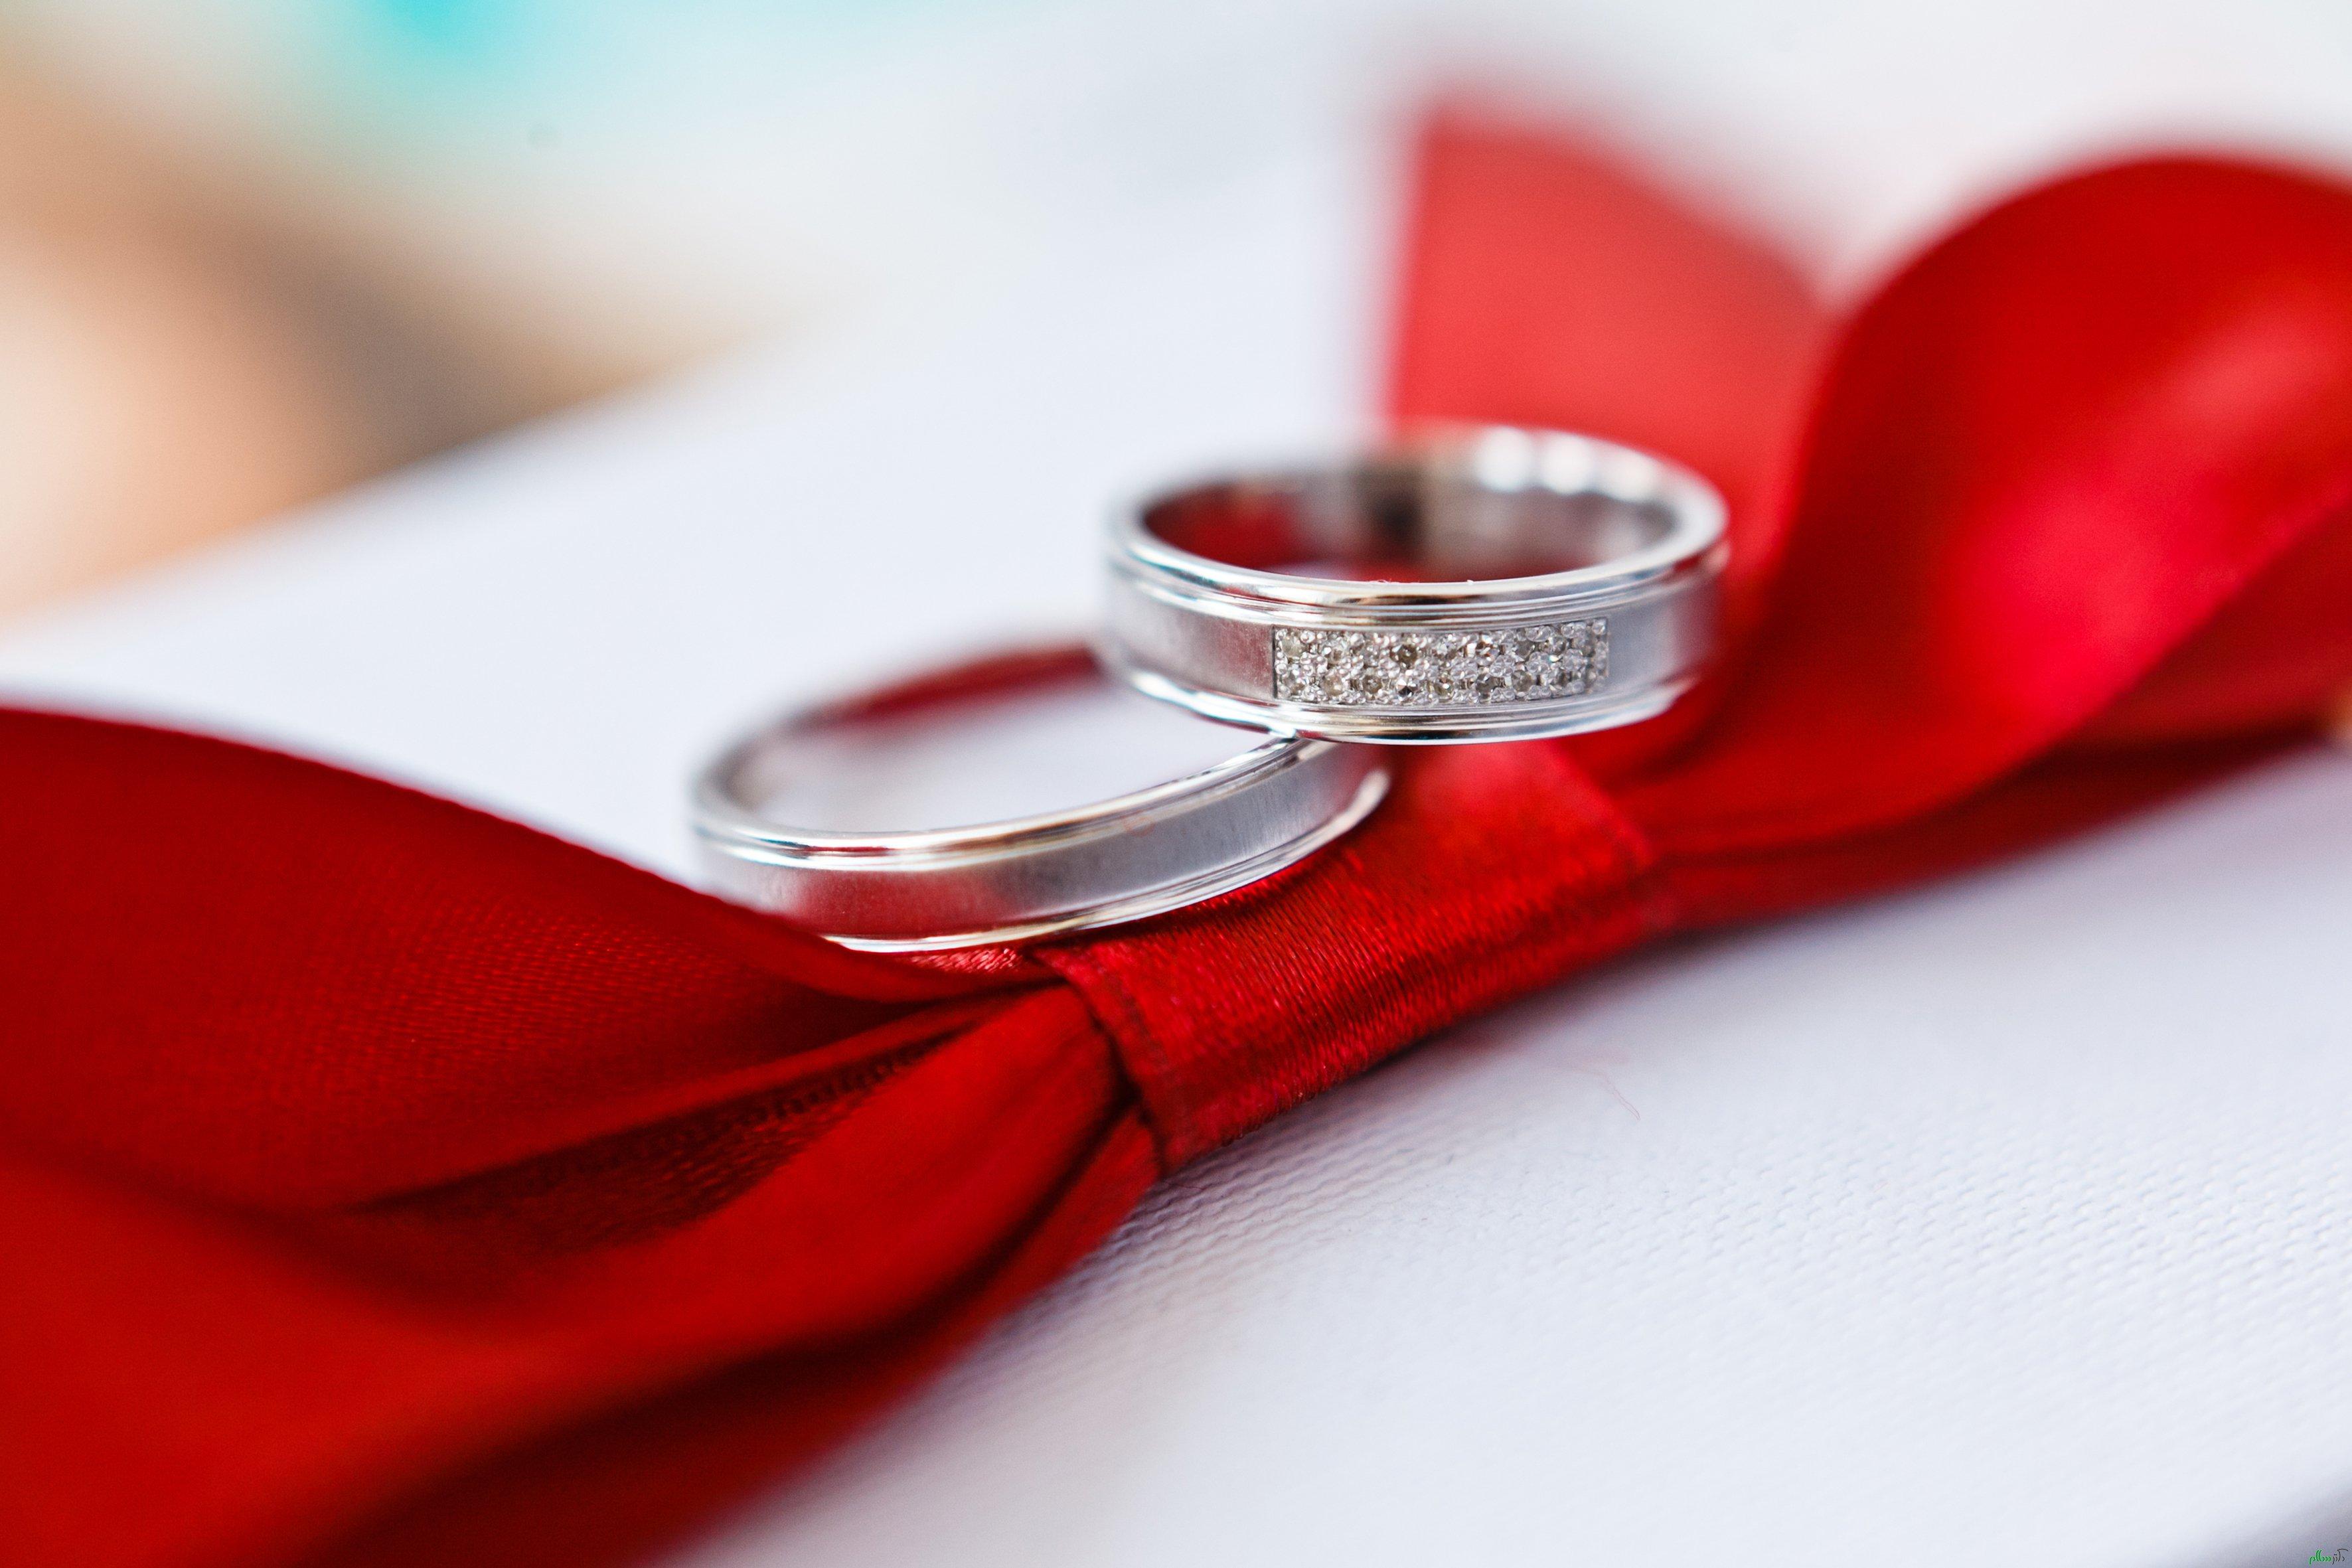 جمعه///// بیشتر مردان هنگام ازدواج چه شغلی دارند؟